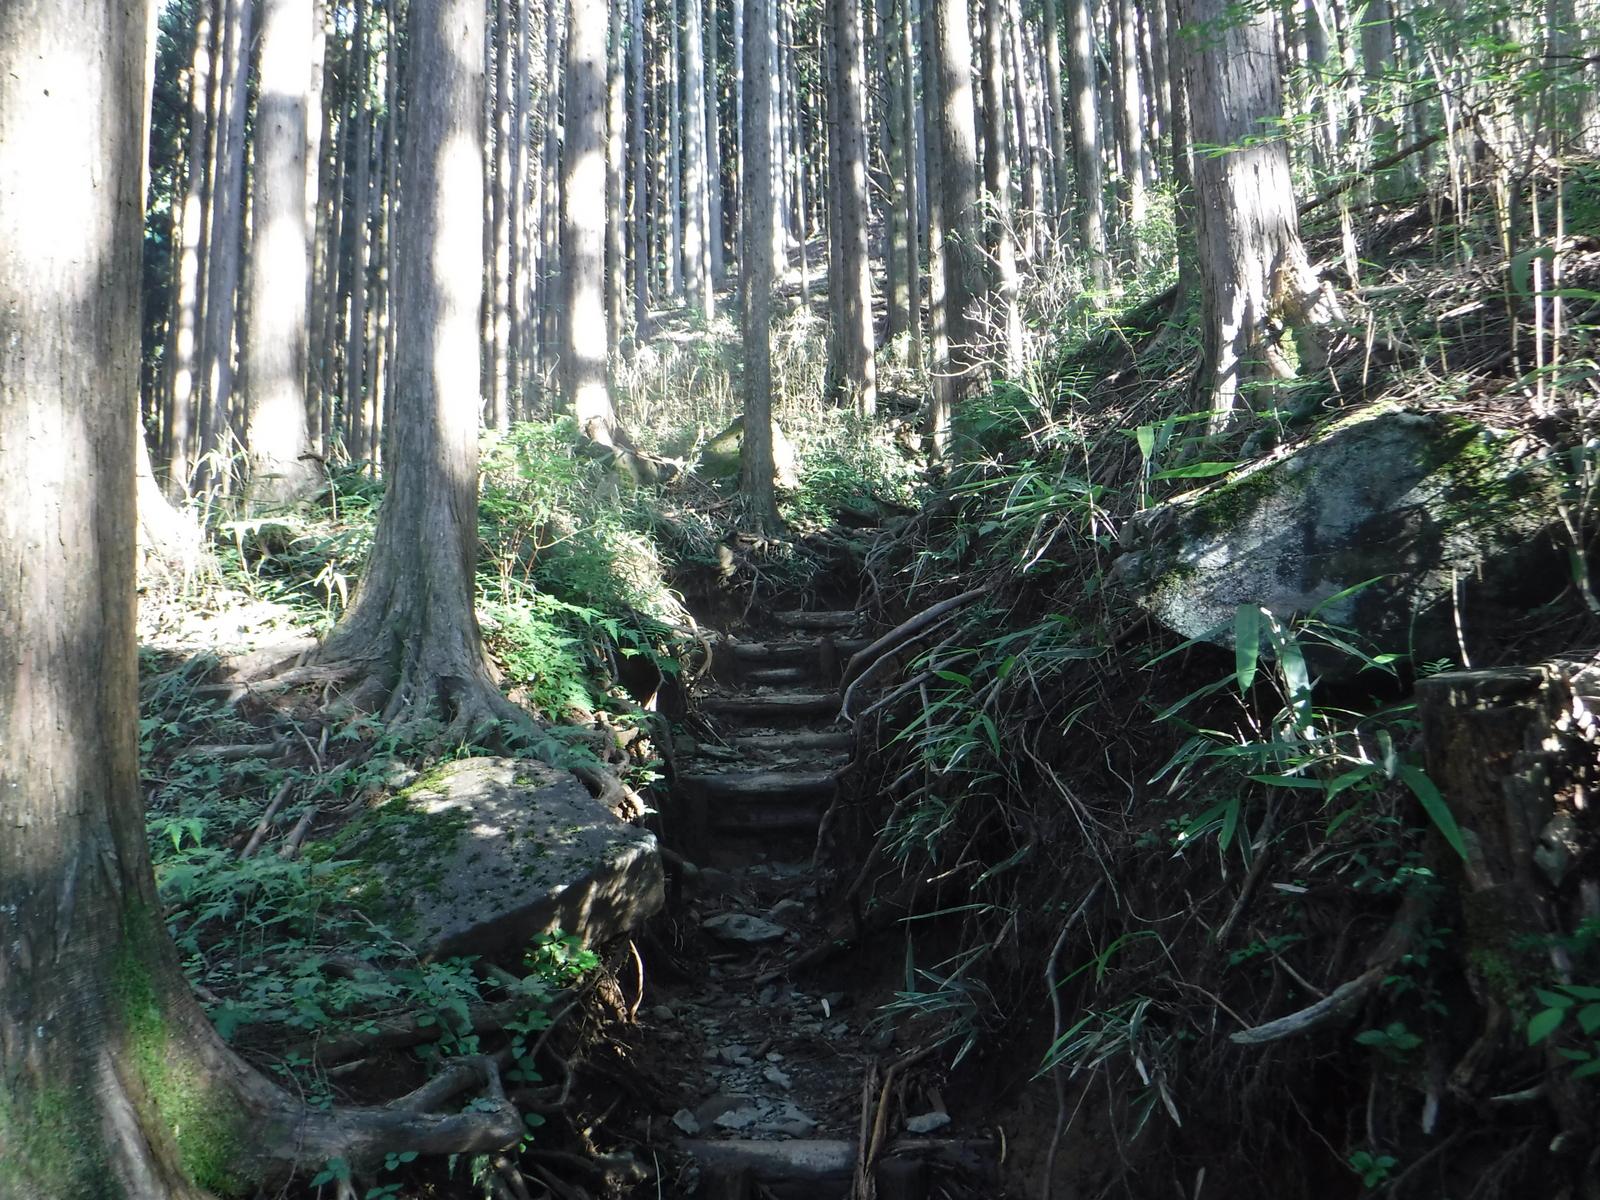 下部の登山道はえぐれている個所がある